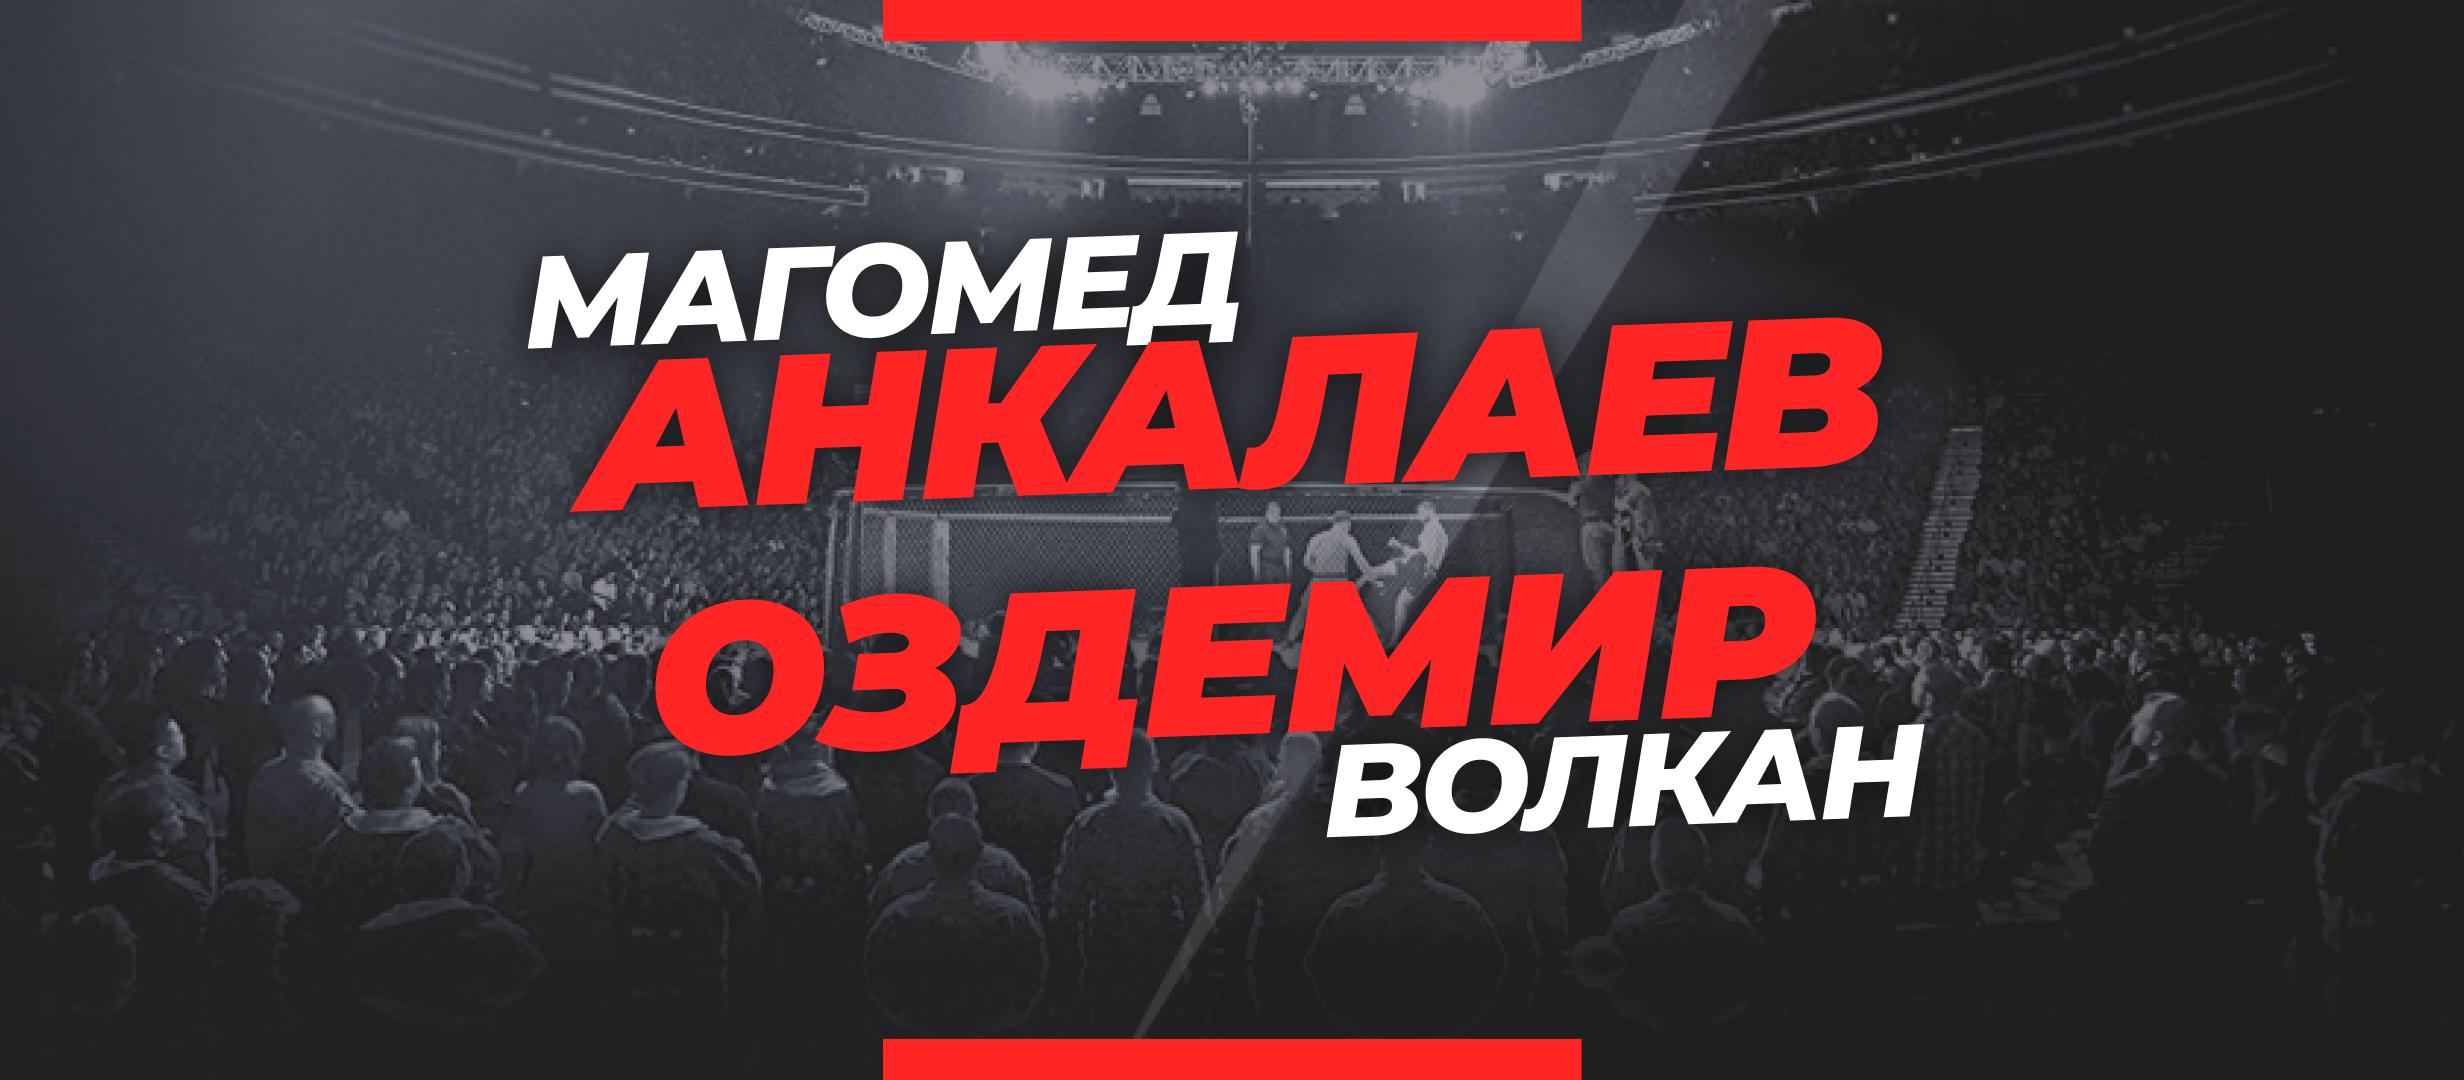 Анкалаев — Оздемир: ставки и коэффициенты на бой UFC